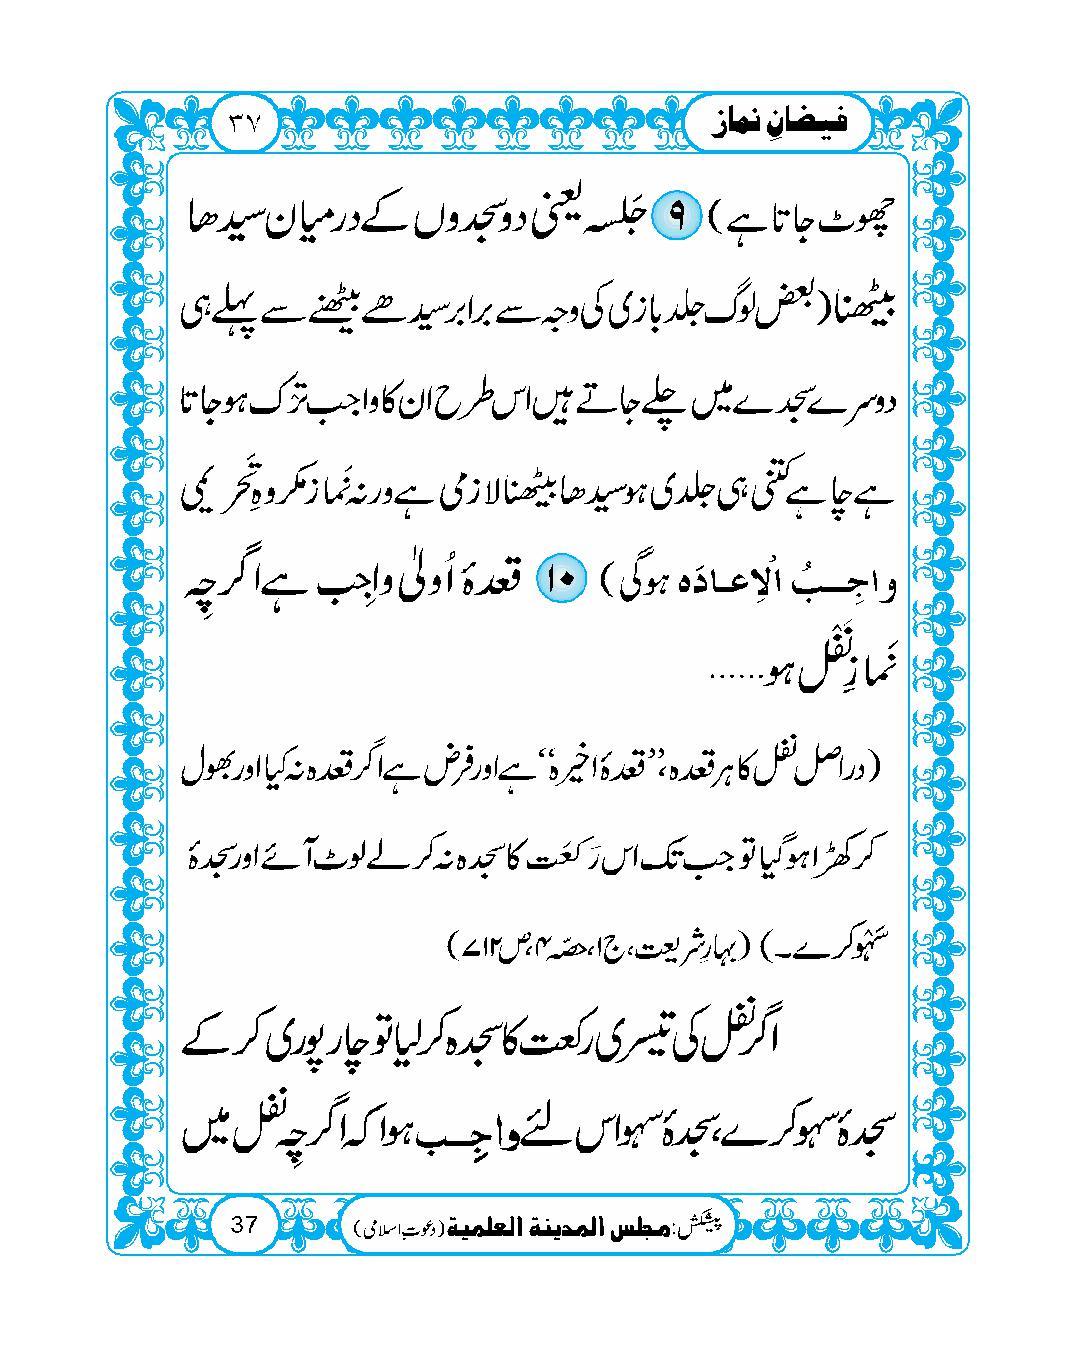 page No 37